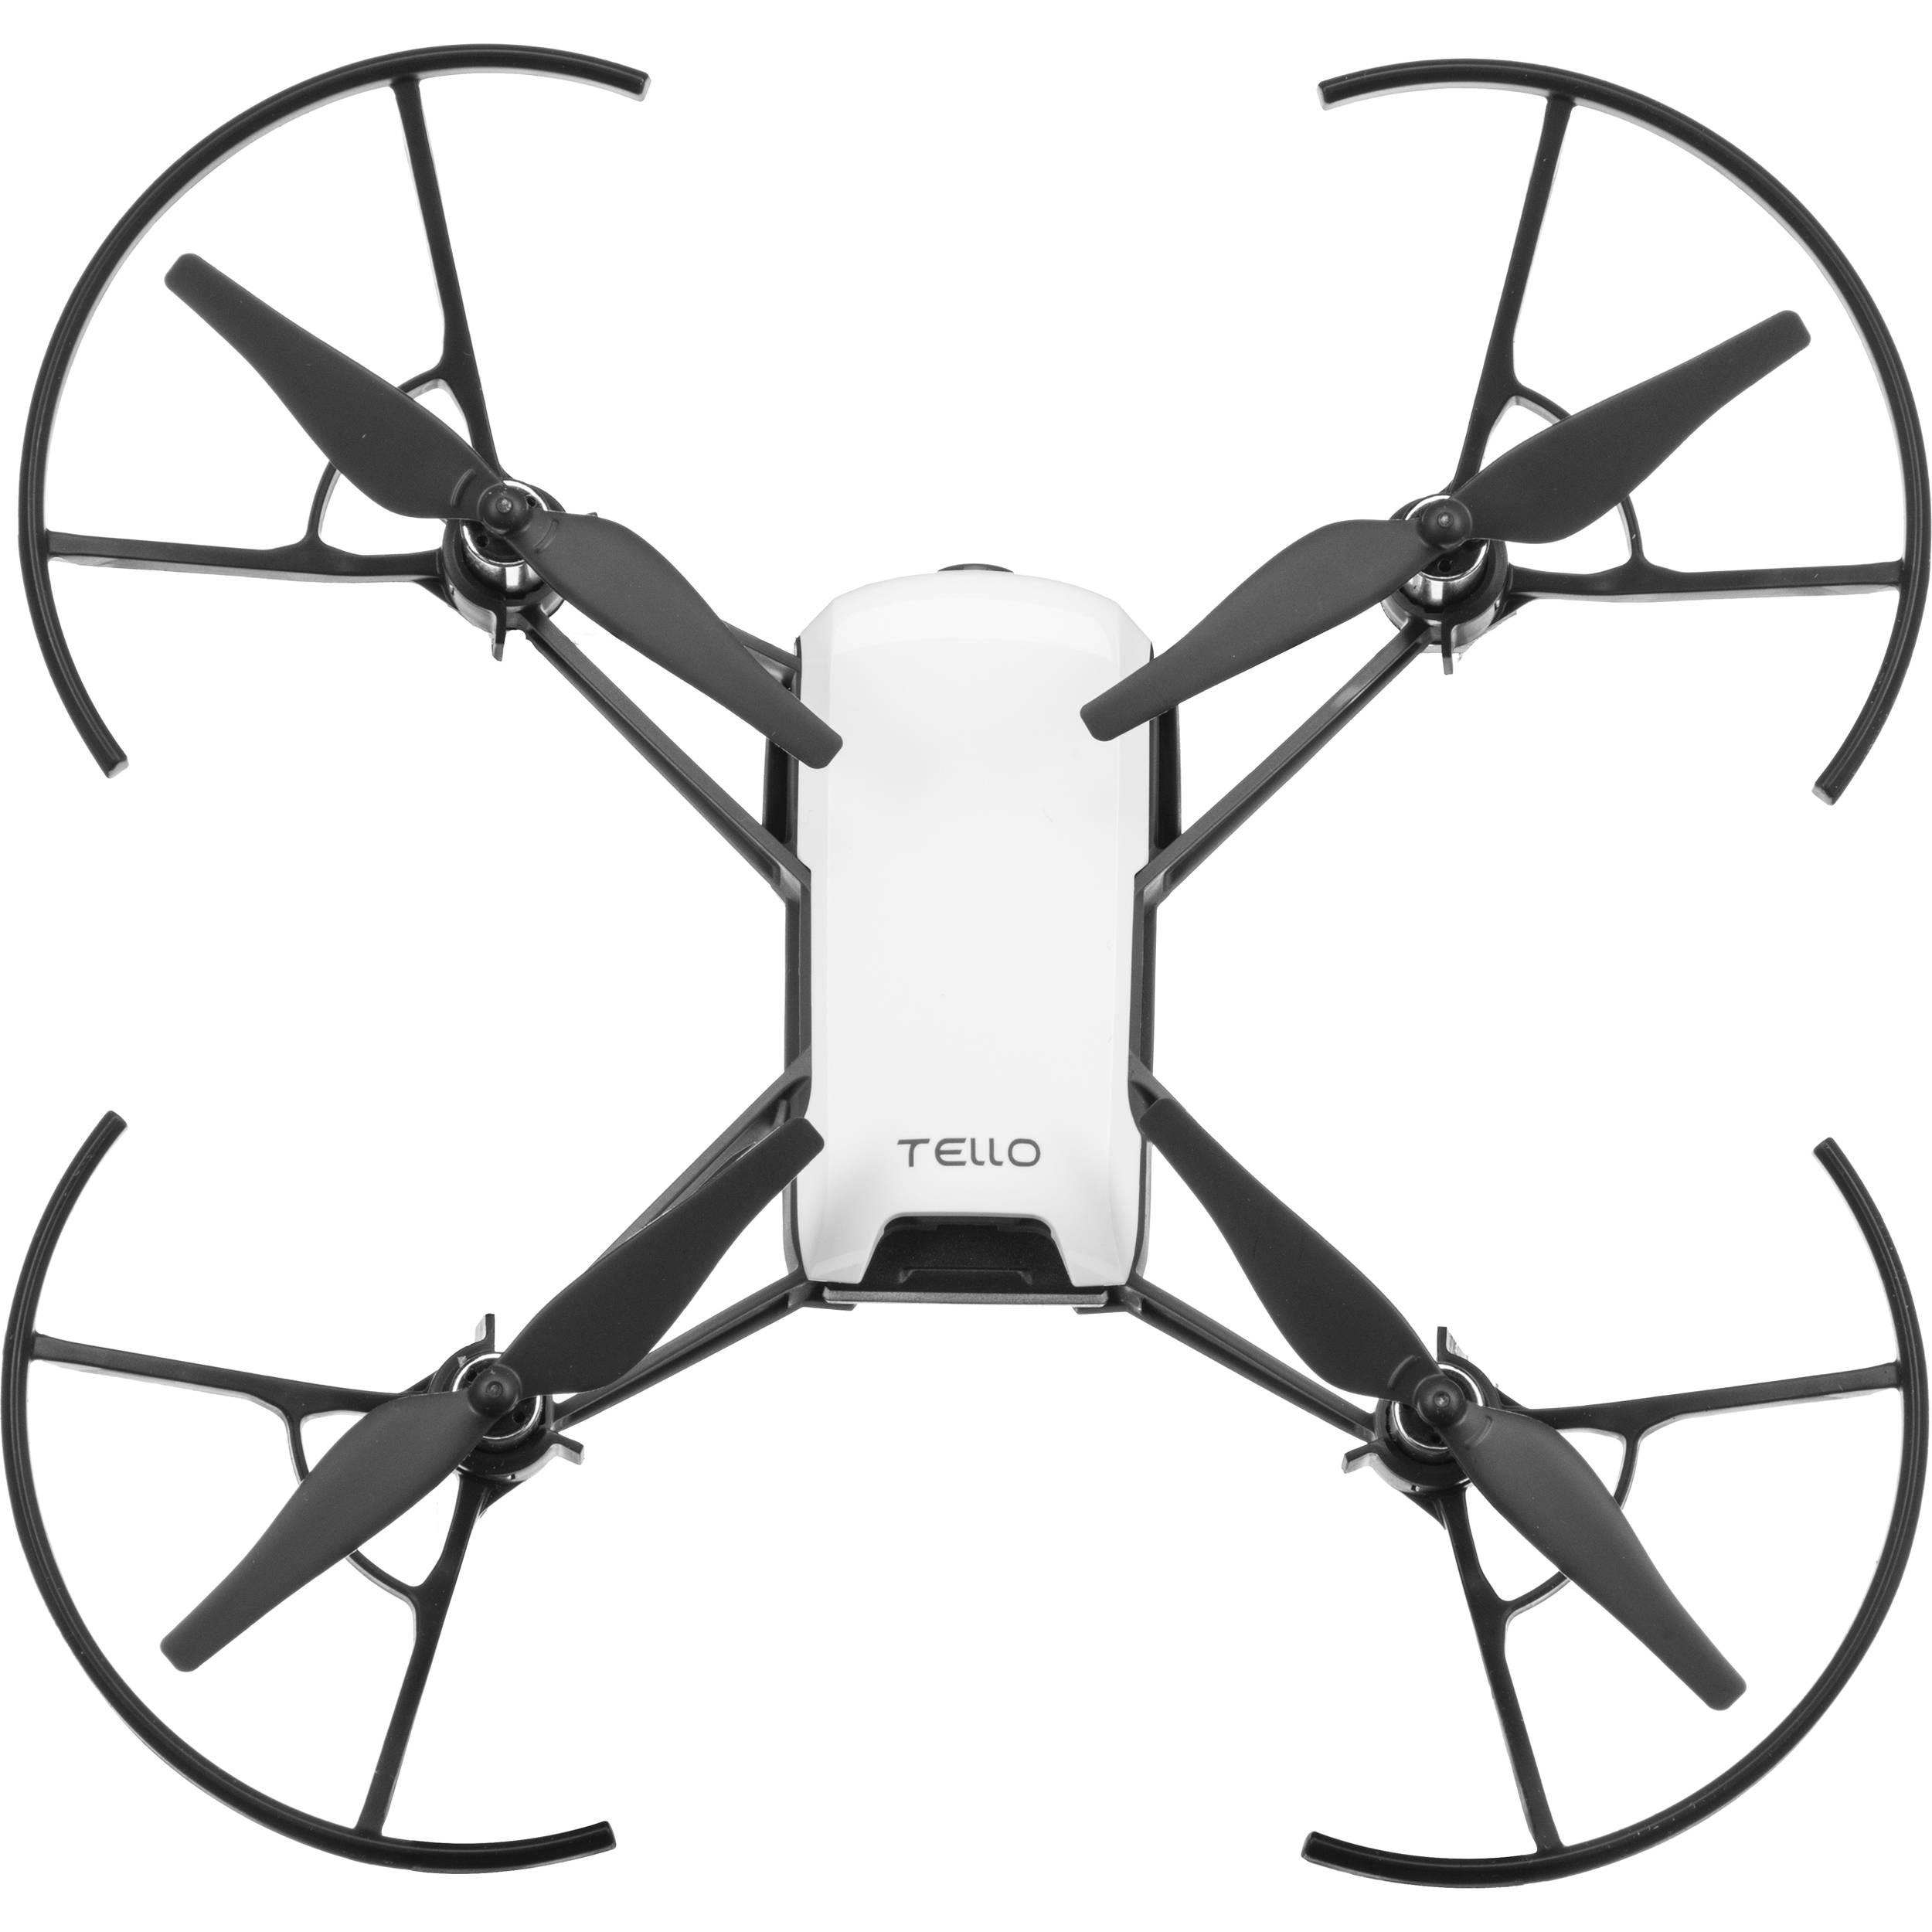 Là chiếc flycam dễ sử dụng cho người dùng mới